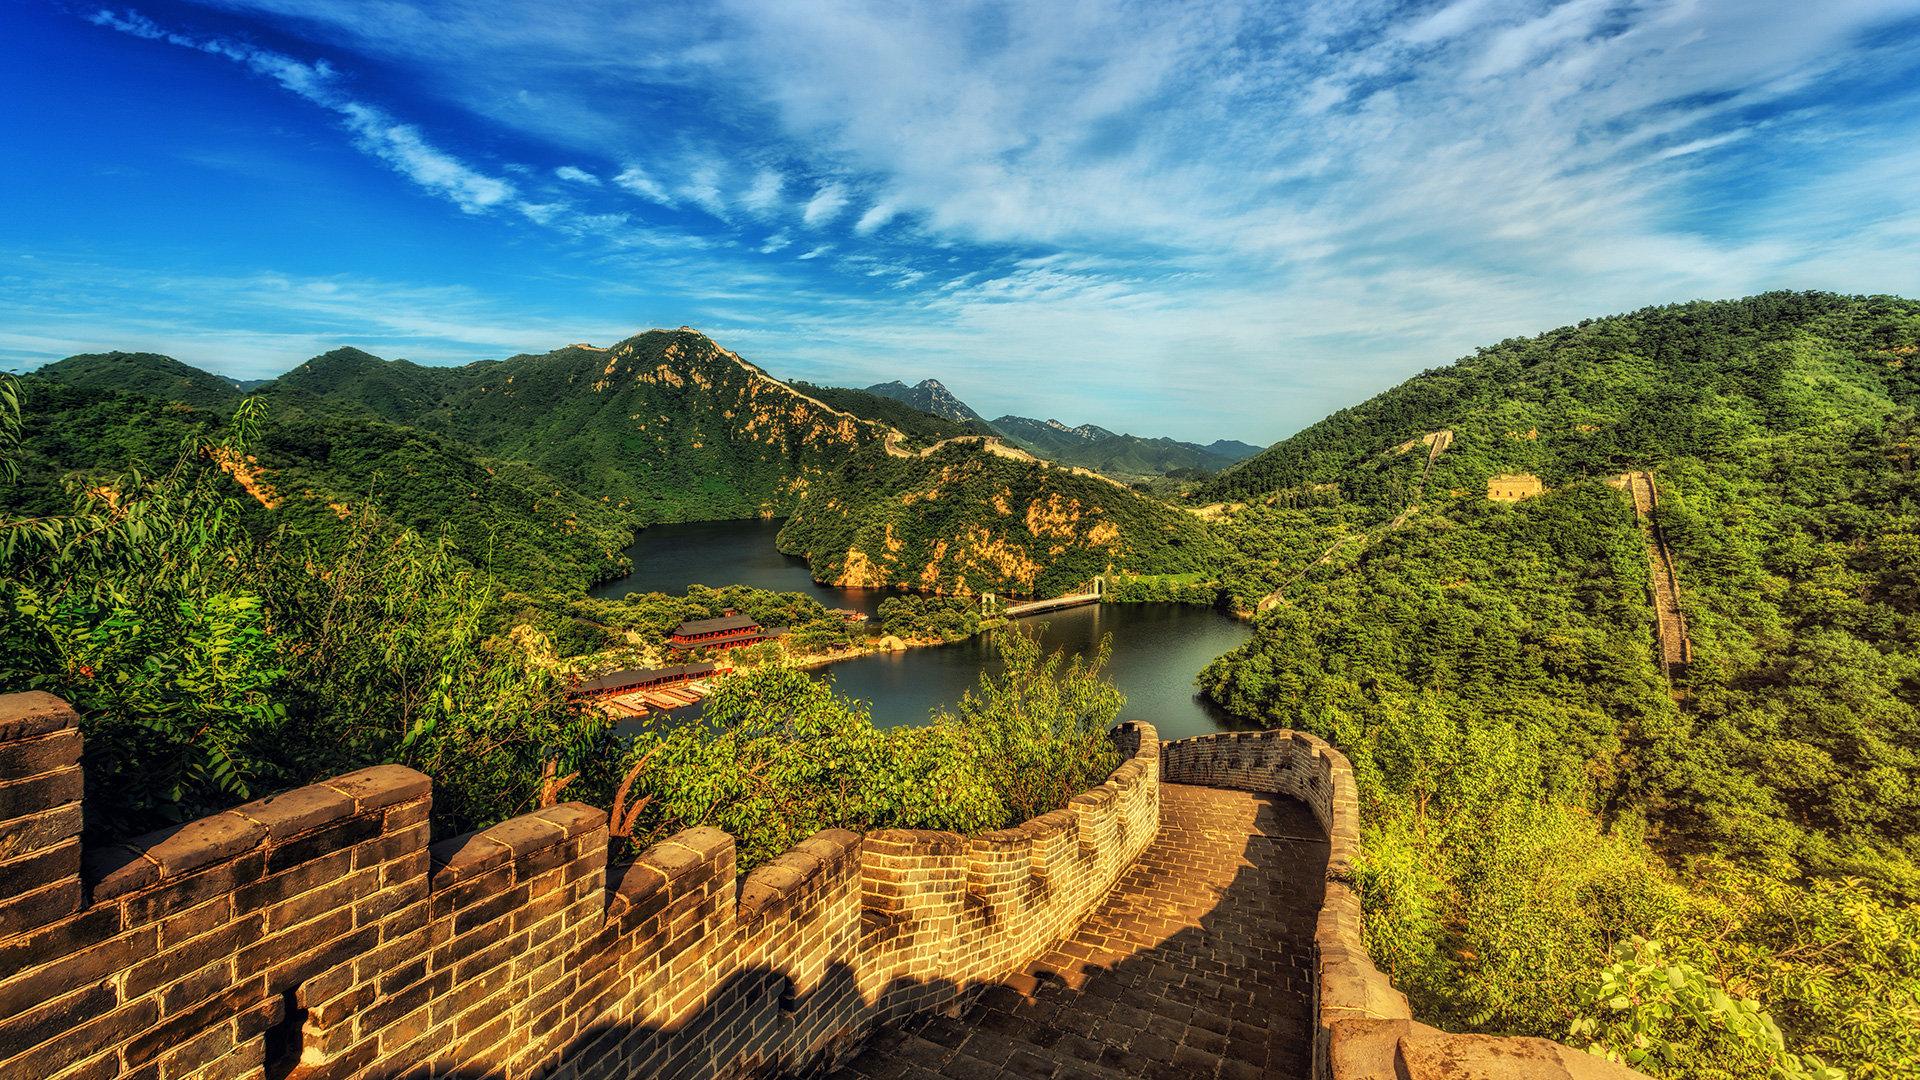 Great-Wall-of-China1